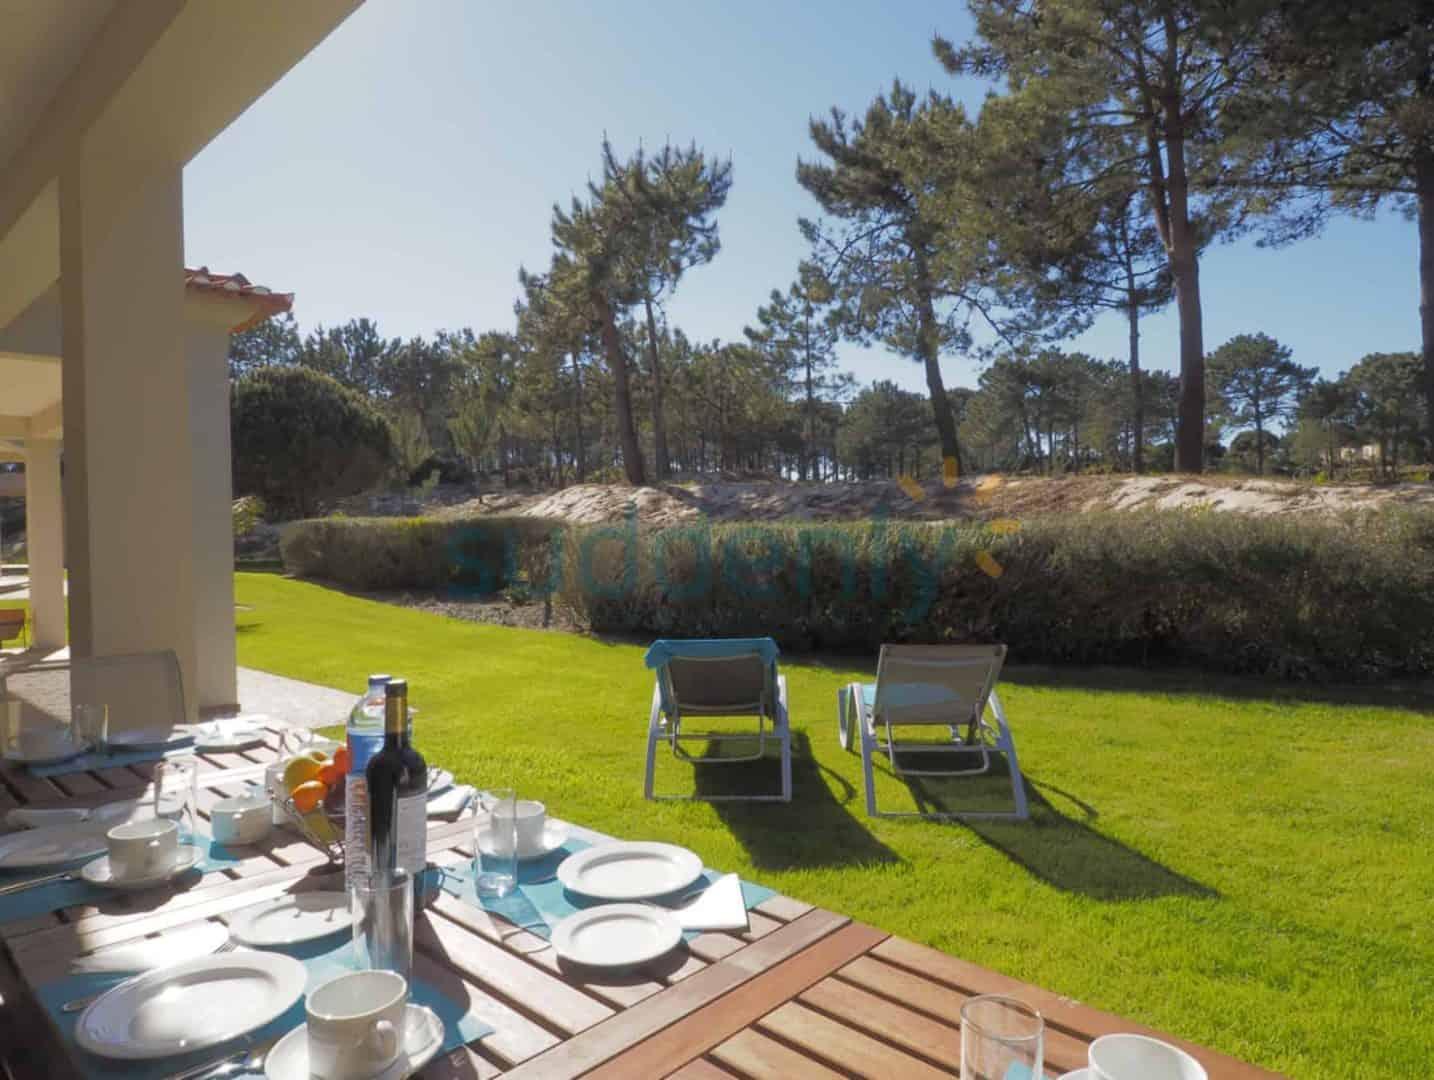 Holiday Rentals in Praia D'El Rey 205